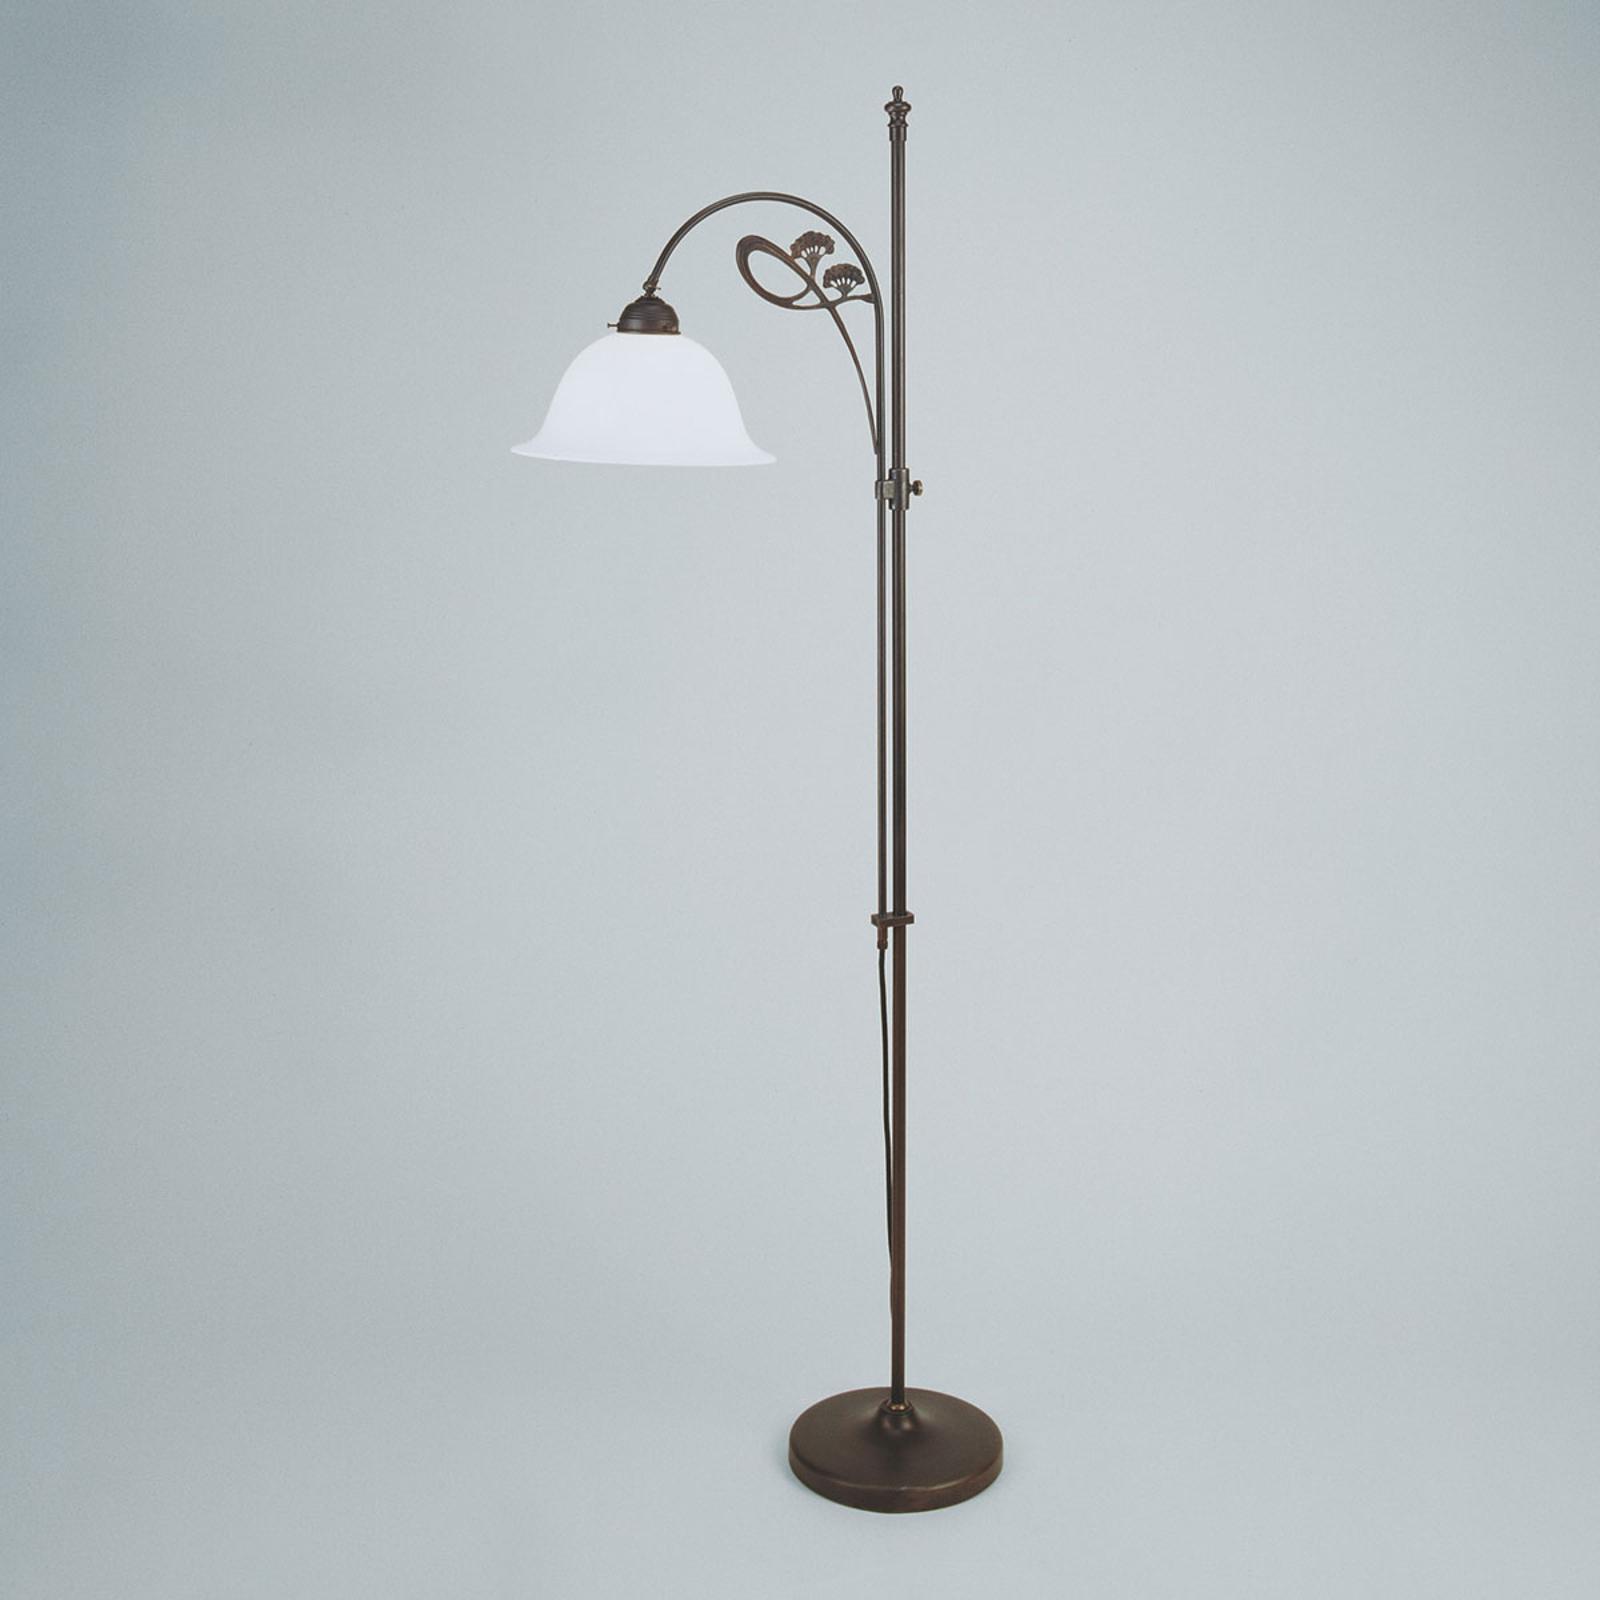 Decentná stolná lampa Ilka, antická farebná schéma_1542057_1